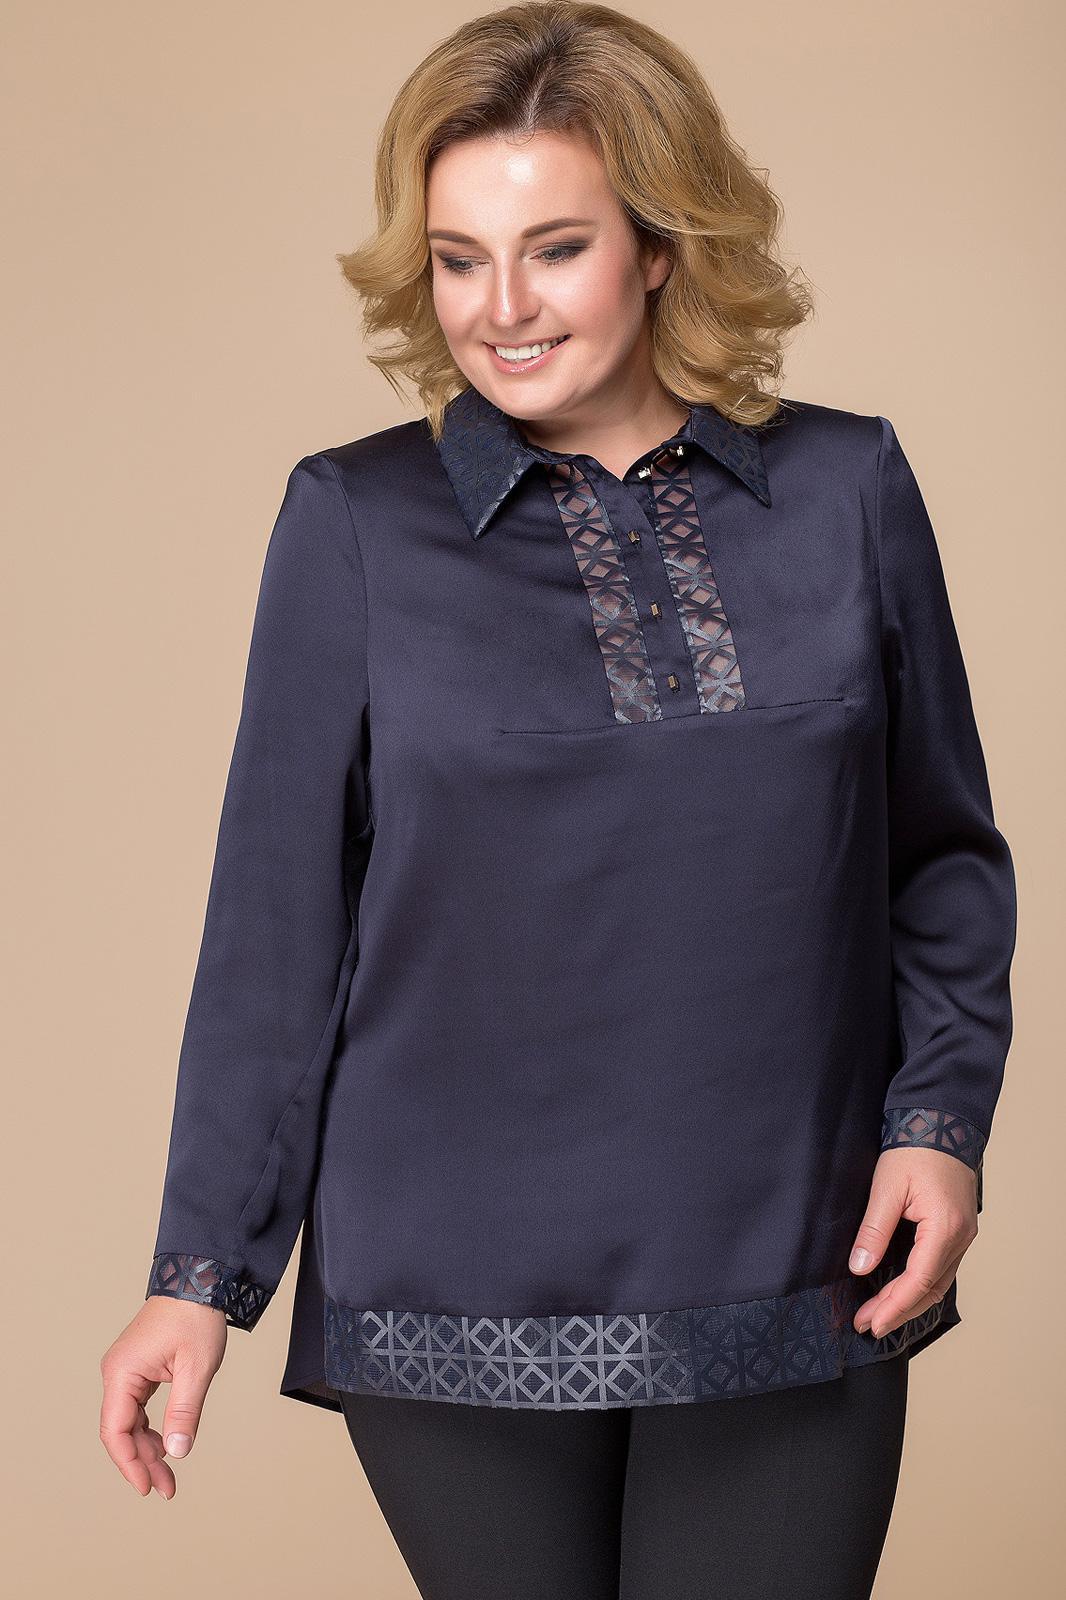 e33fdf12bfd Модная женская одежда оптом и в розницу из Беларуси